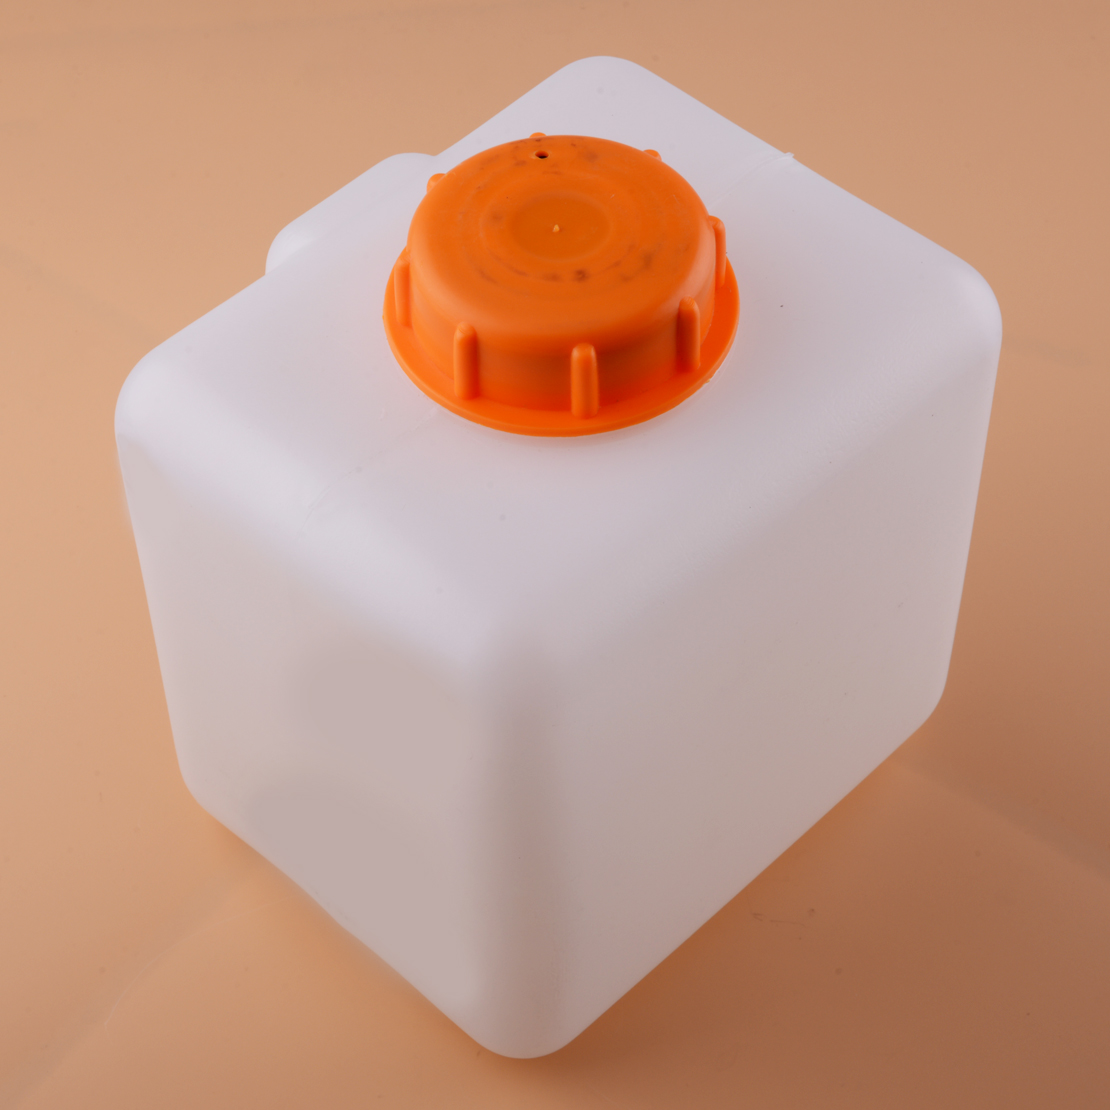 Calentador de aparcamiento de plástico 2.5L Tanque De Combustible Apto Para Calentadores Webasto Eberspacher /& Muchos